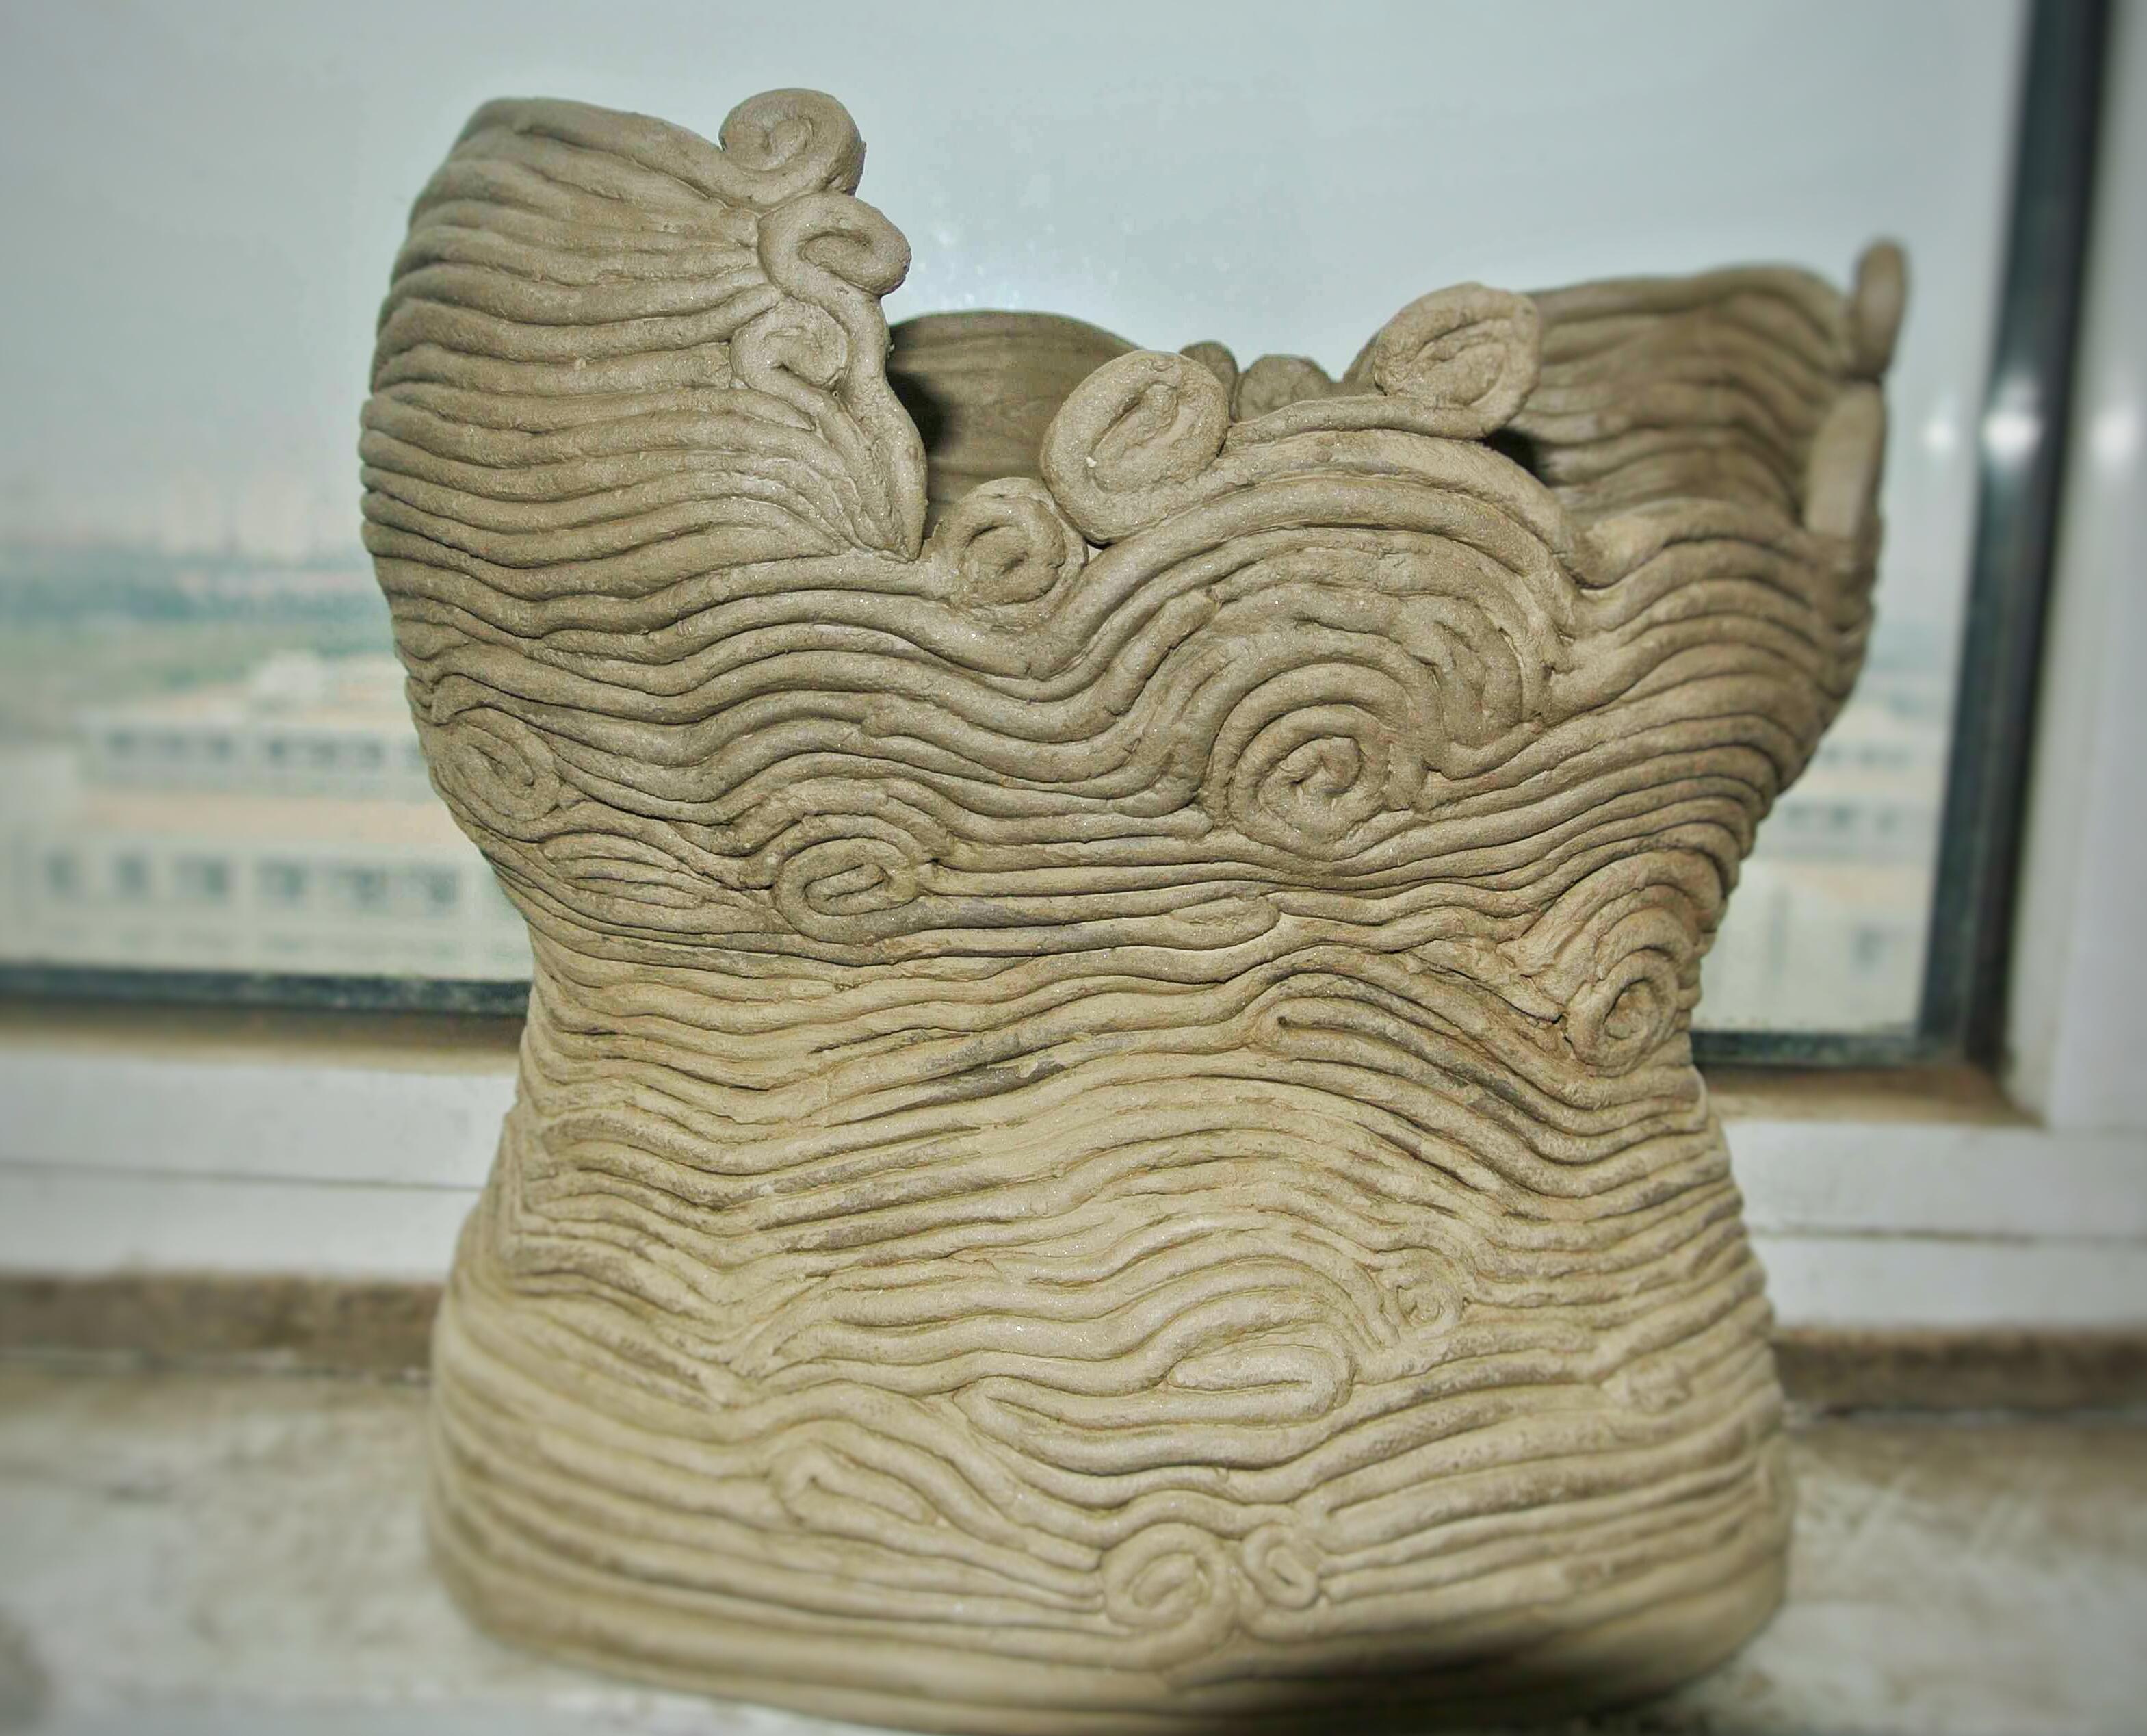 陶艺|手工艺|其他手工|鱼5301 - 原创作品 - 站酷